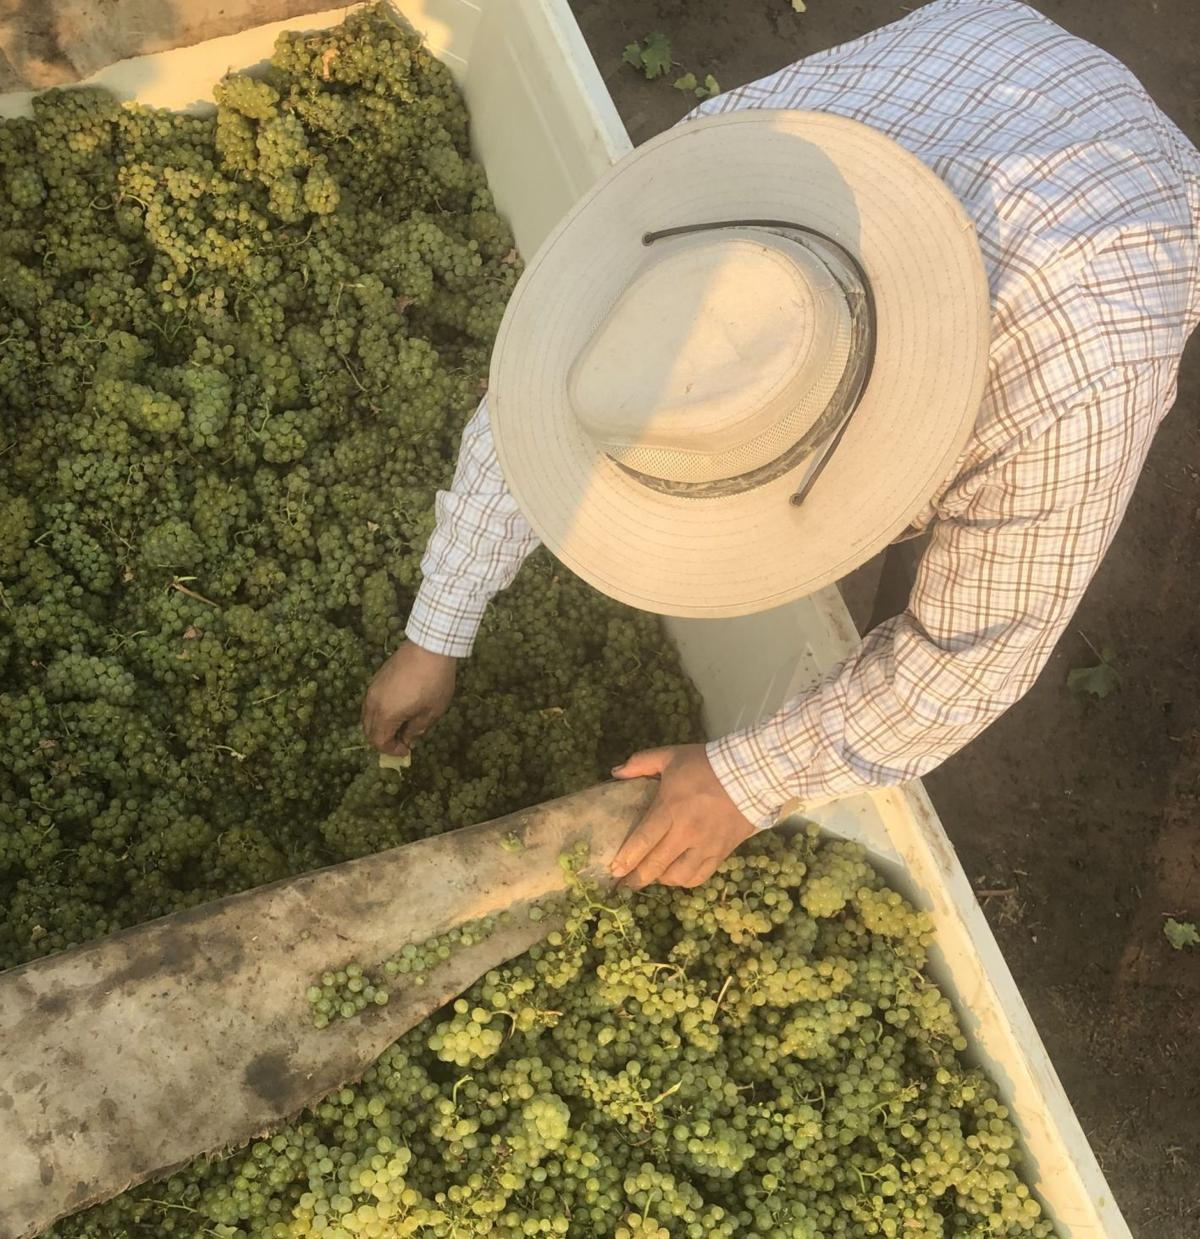 Chardonnay harvest at Trefethen Family Vineyards